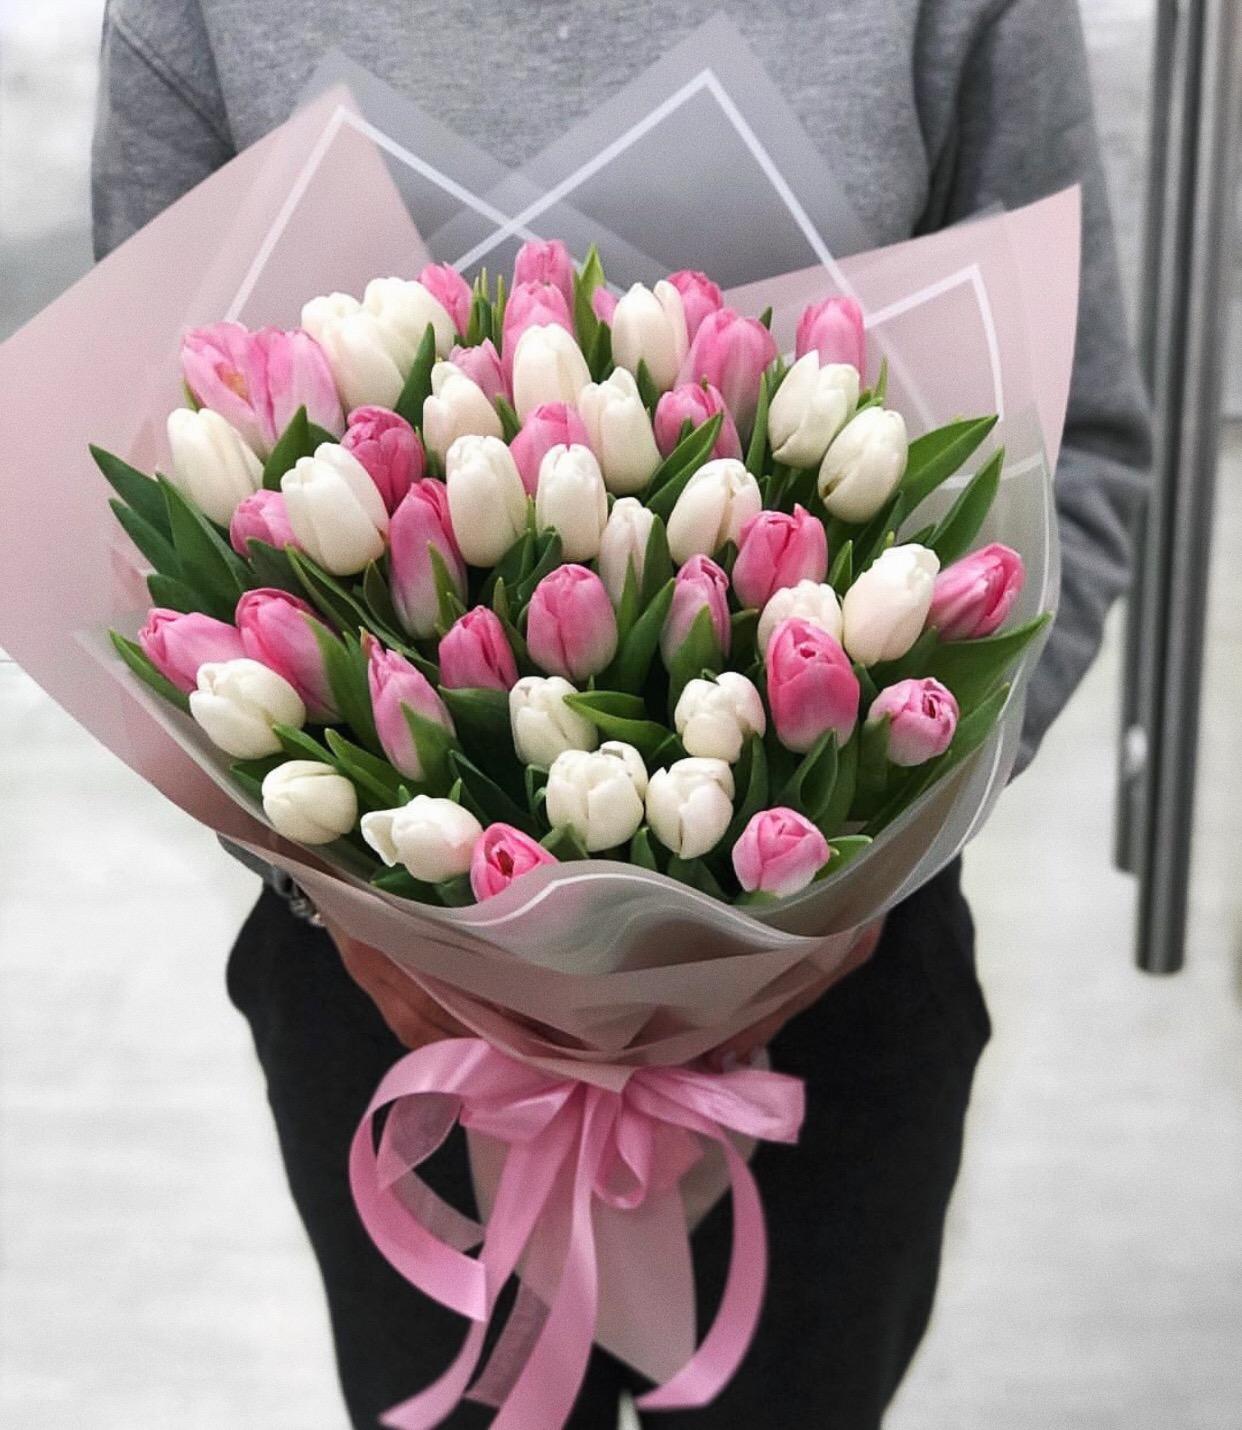 скорее маленькие картинки с тюльпанами для женщин, которые